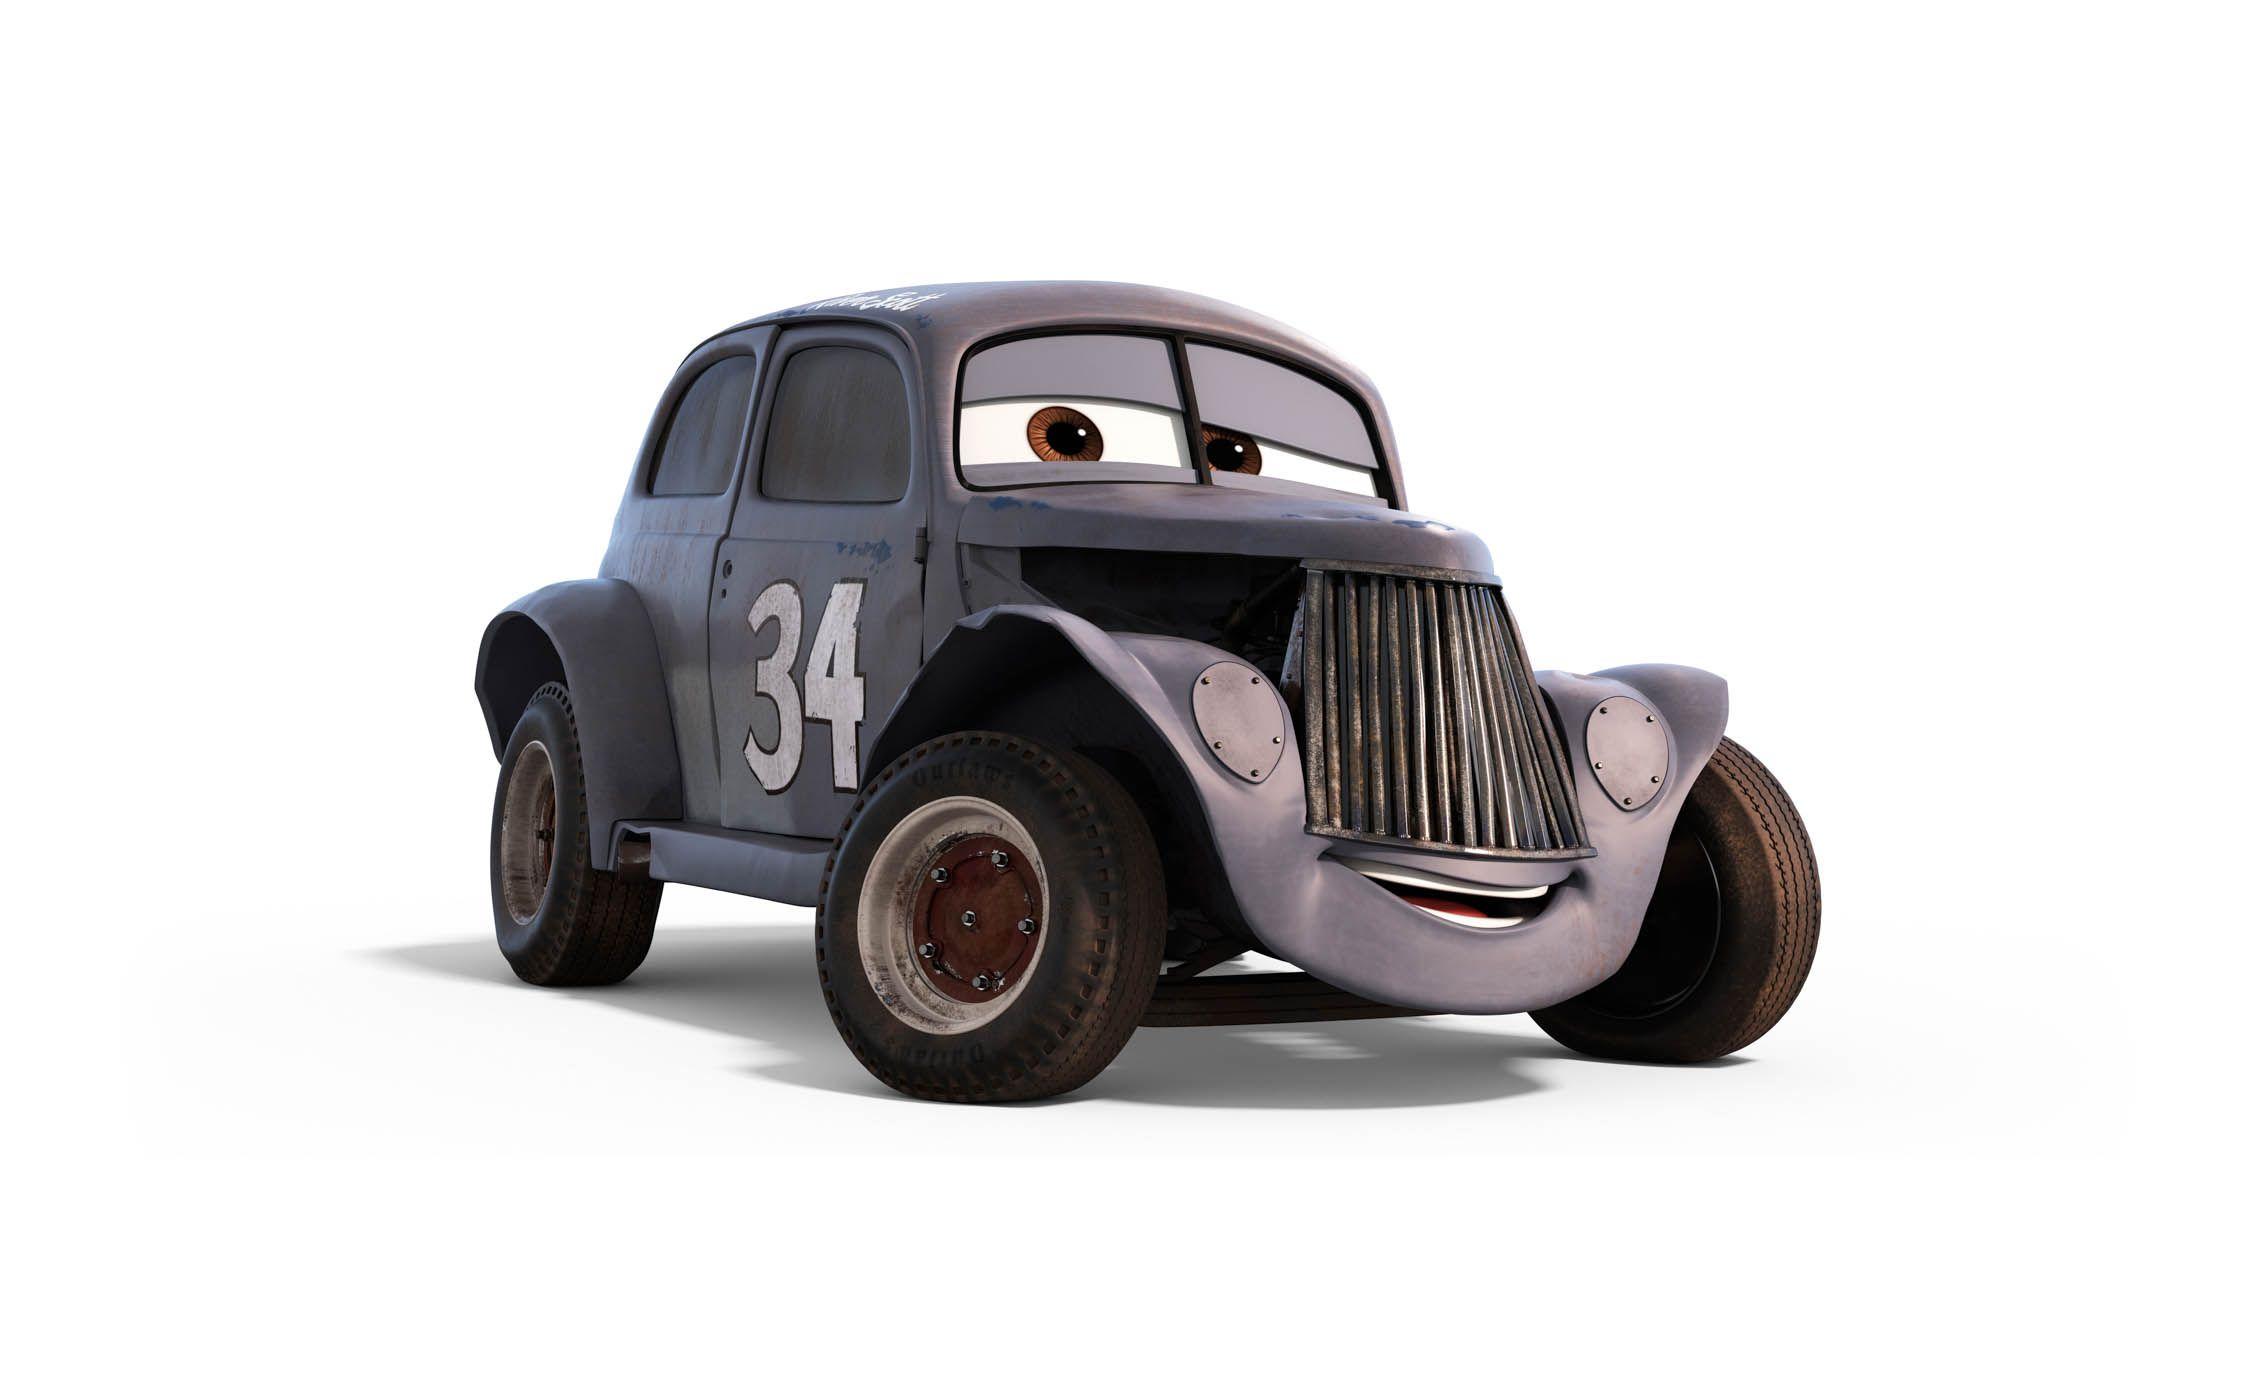 """Radiator Springs Eternal: Meet the Cars of Pixar\'s """"Cars 3 ..."""